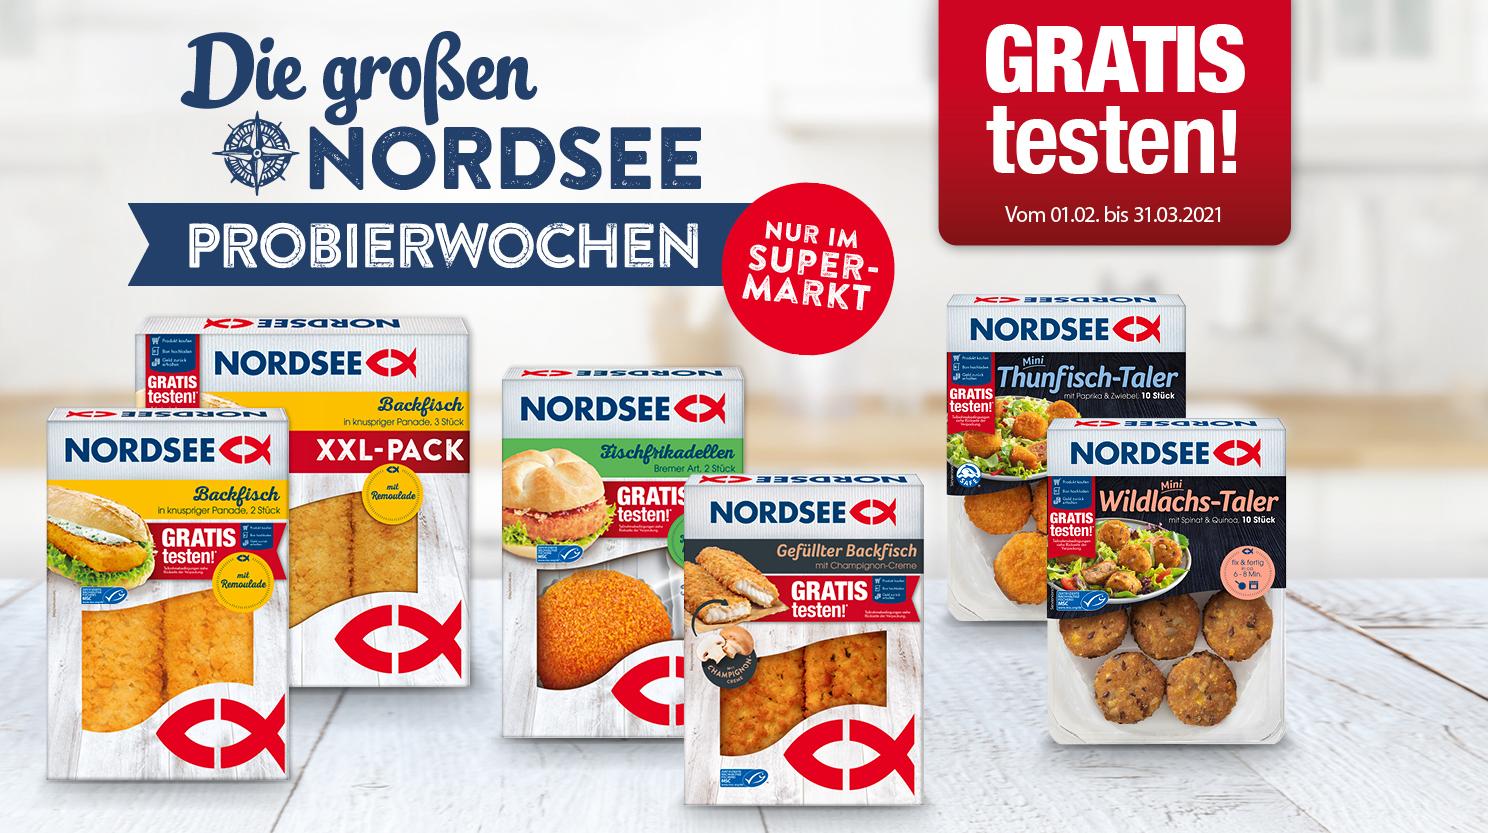 [GzG] Nordsee Probierwochen 2021 - ab 01.02.2021 gratis testen!